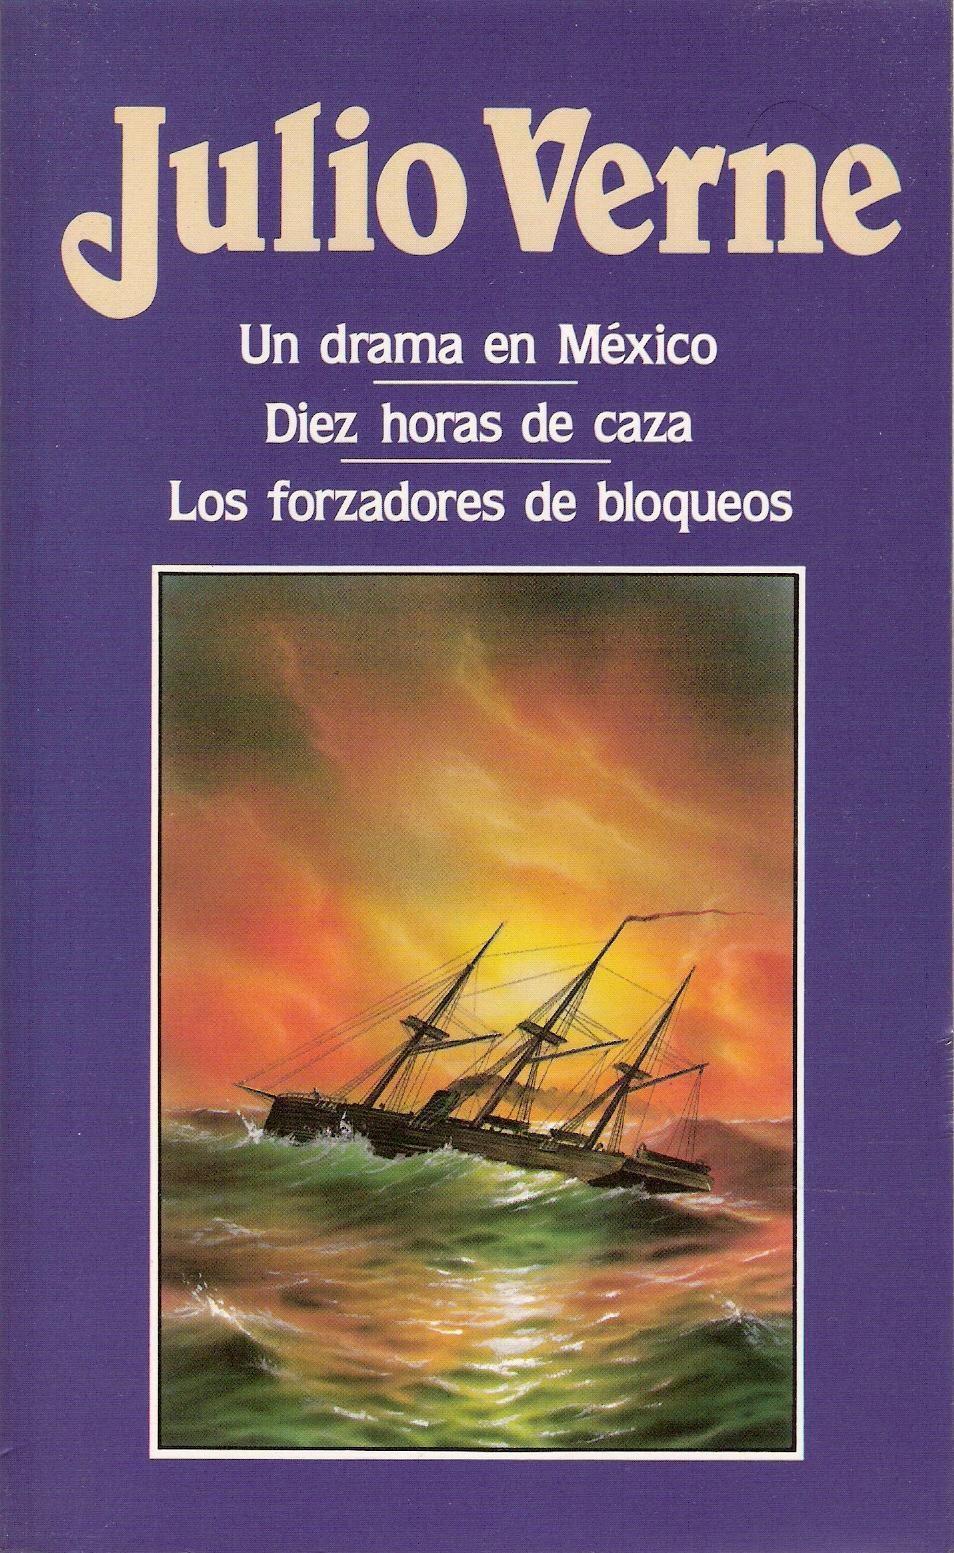 Un drama en México - Diez horas de caza - Los forzadores de bloqueos